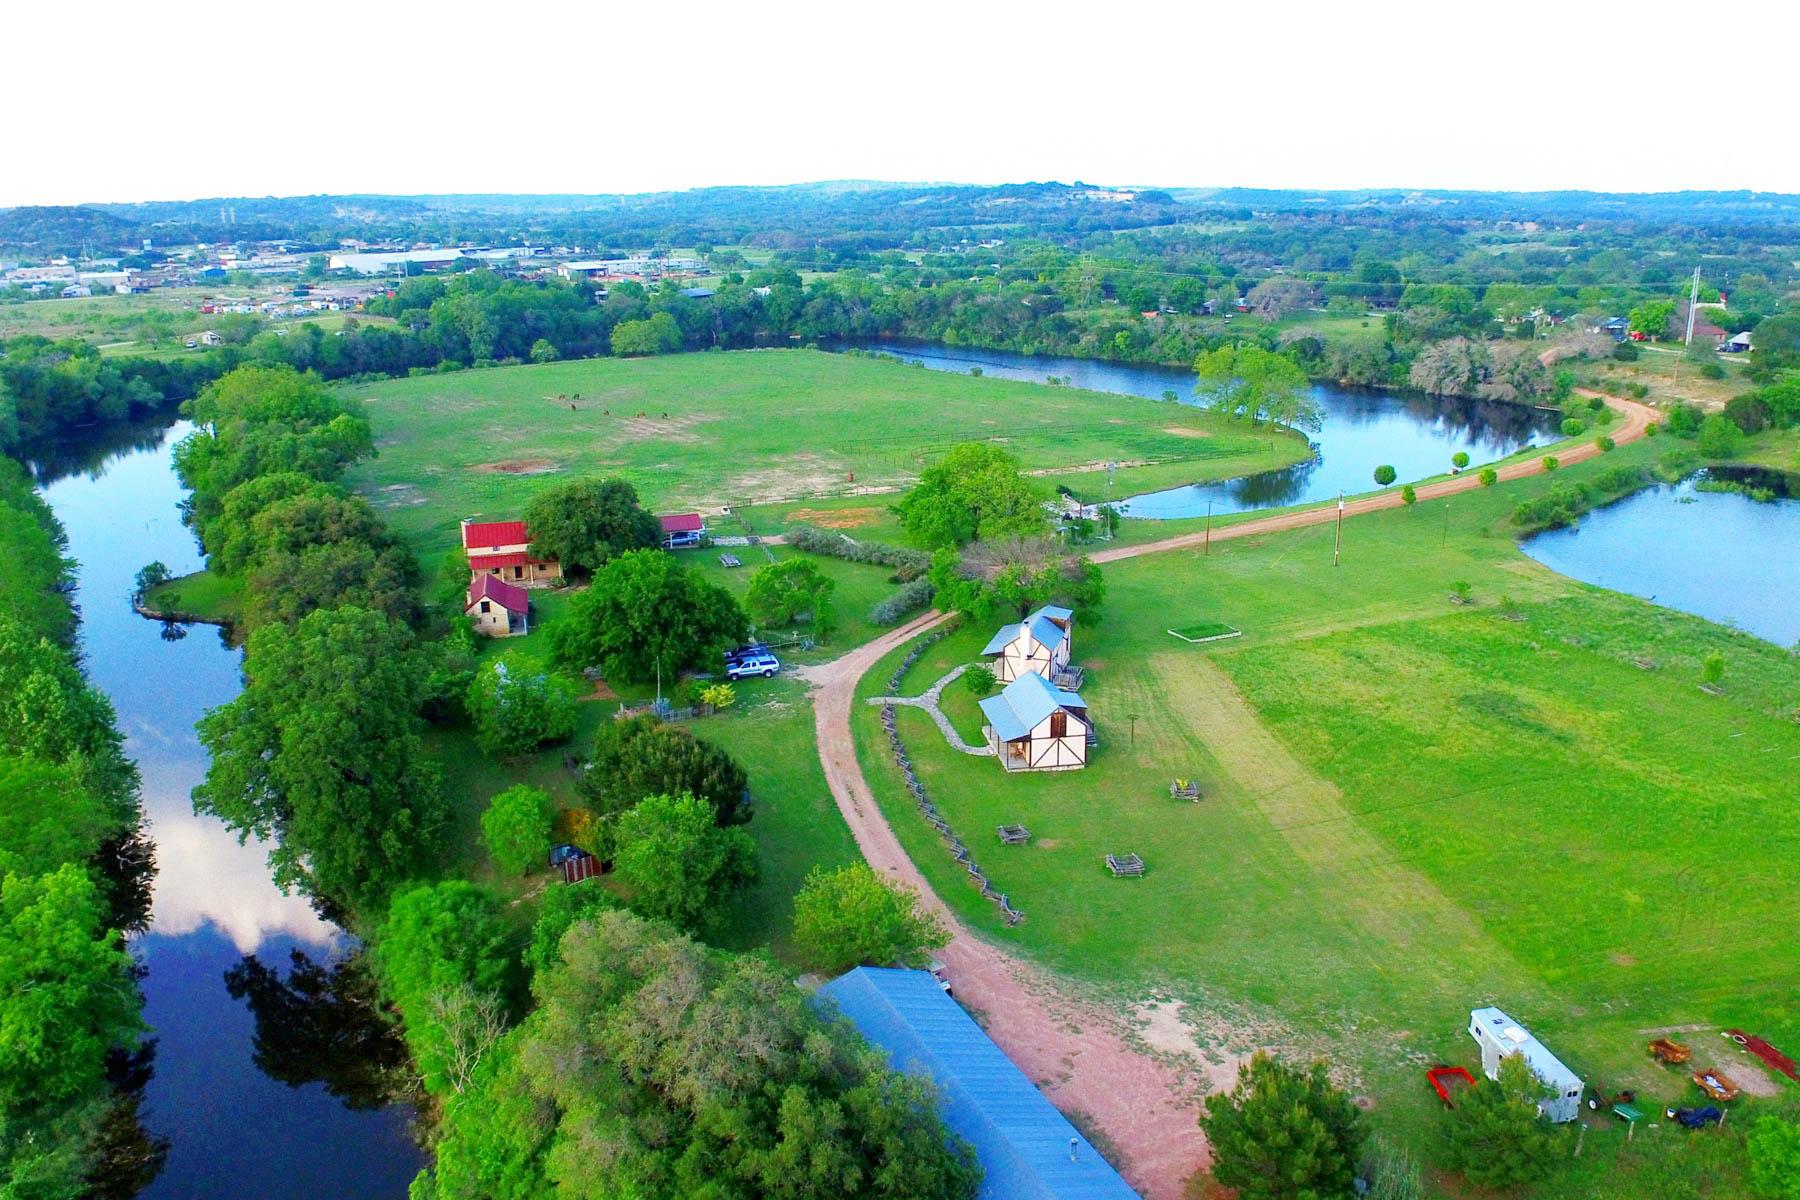 Casa Unifamiliar por un Venta en Amazing Fredericksburg Property on 36-/+ Acres 457 Bob Moritz Fredericksburg, Texas 78624 Estados Unidos